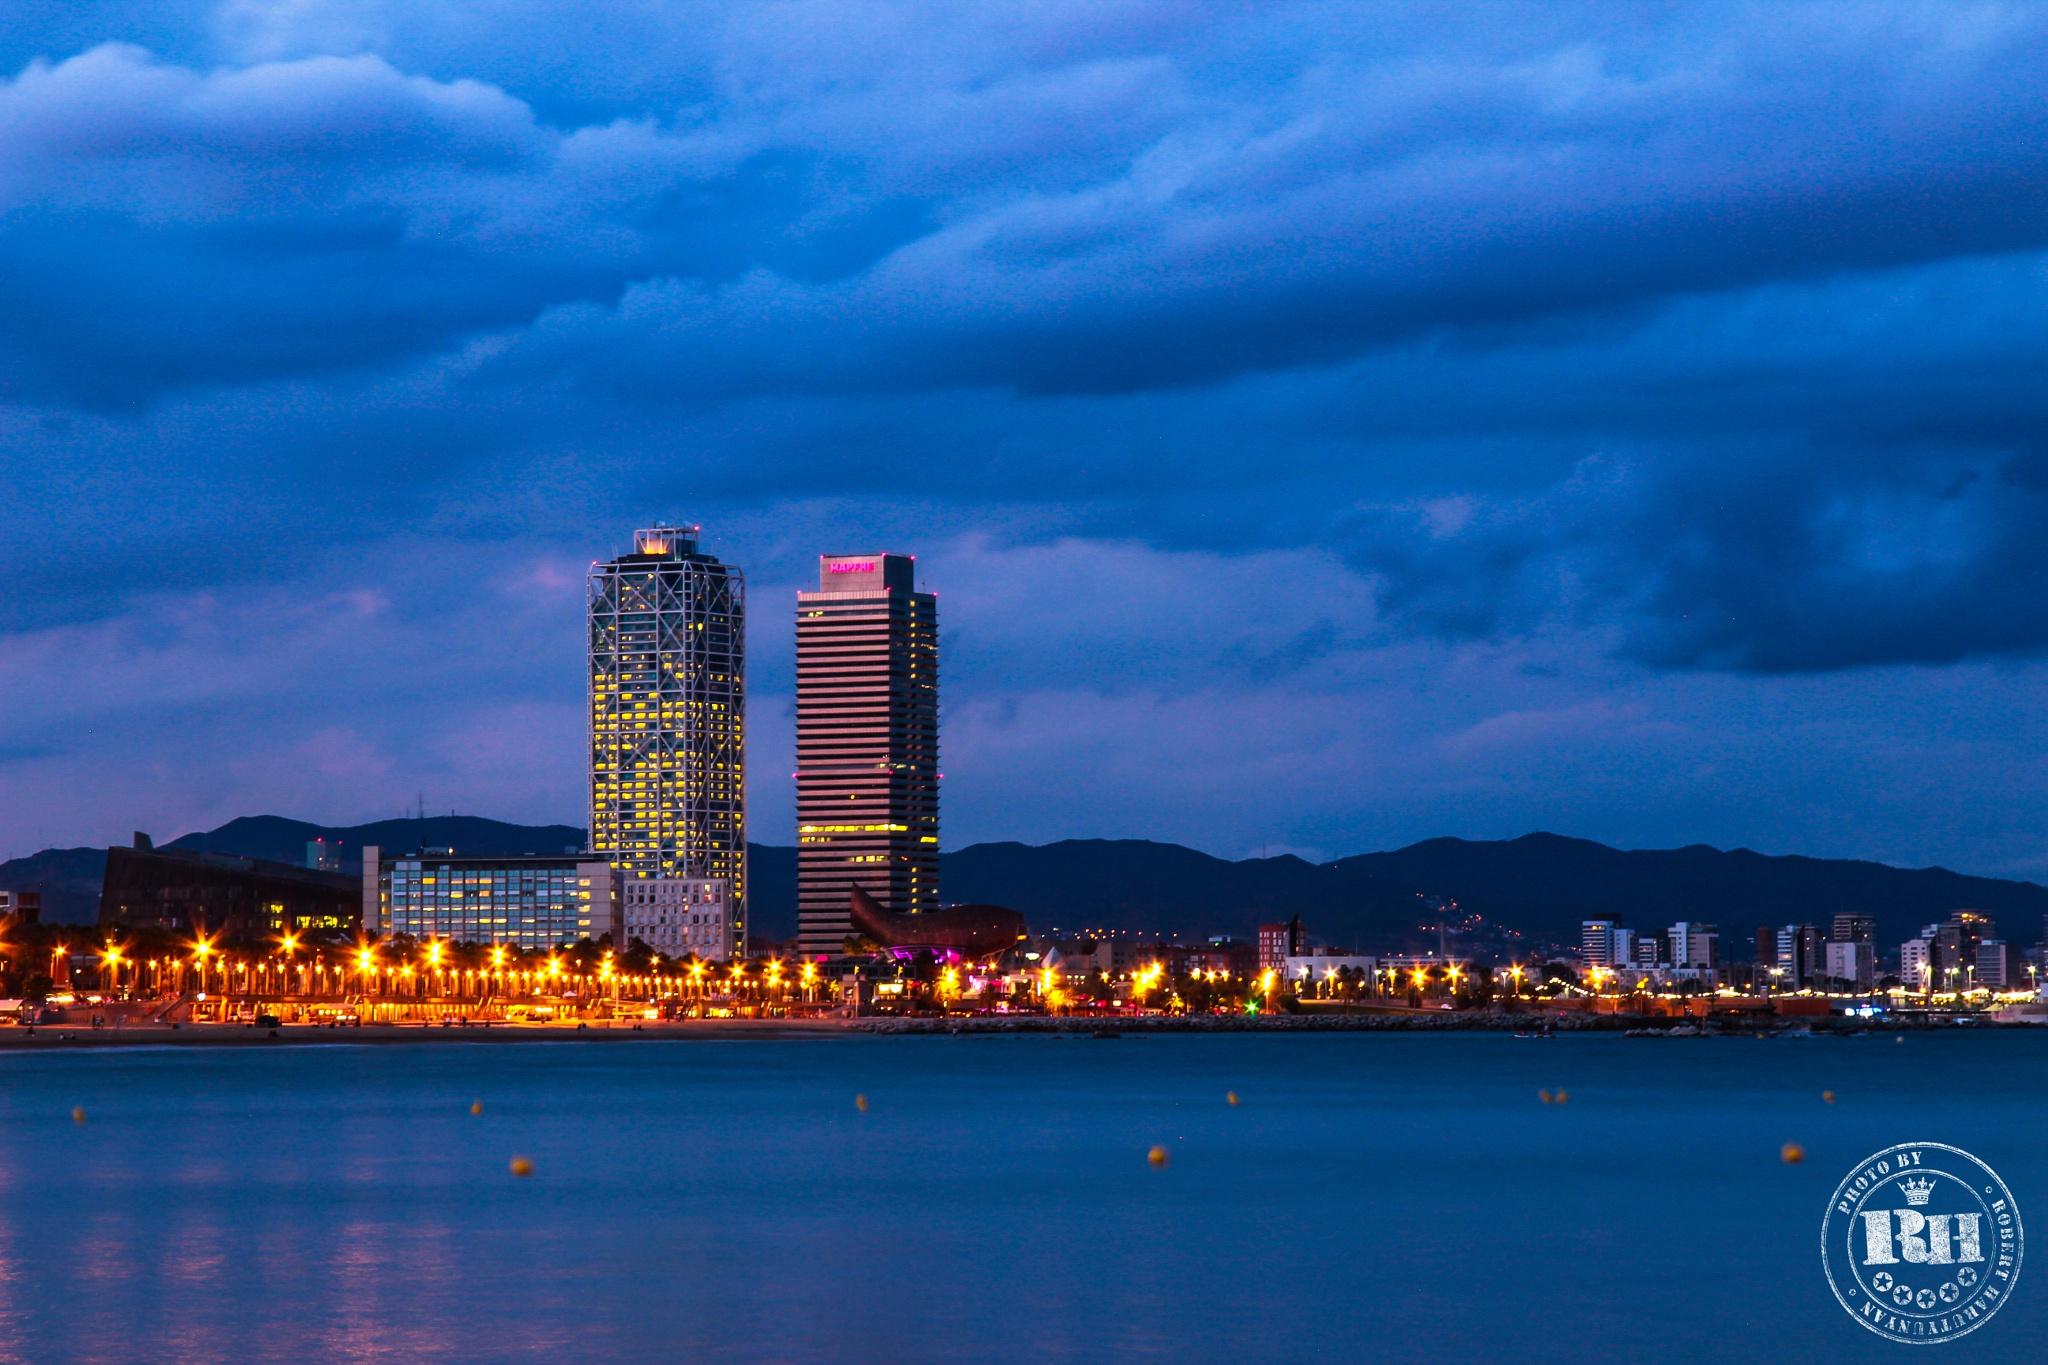 Barcelona Twins by Robert Harutyunyan